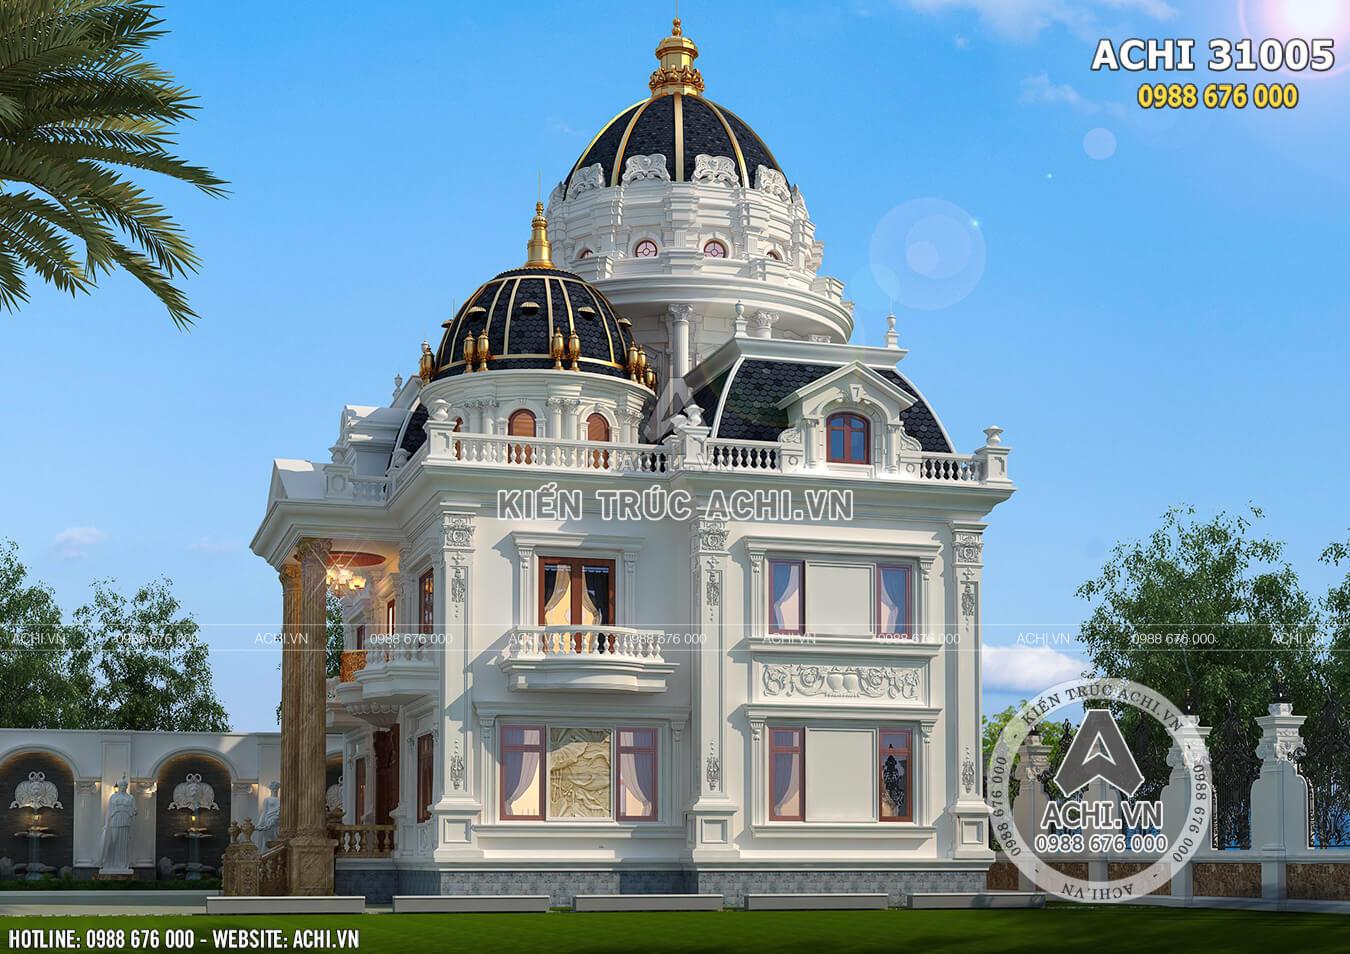 Mẫu thiết kế lâu đài dinh thự 2 tầng 1 tum đẹp đẳng cấp